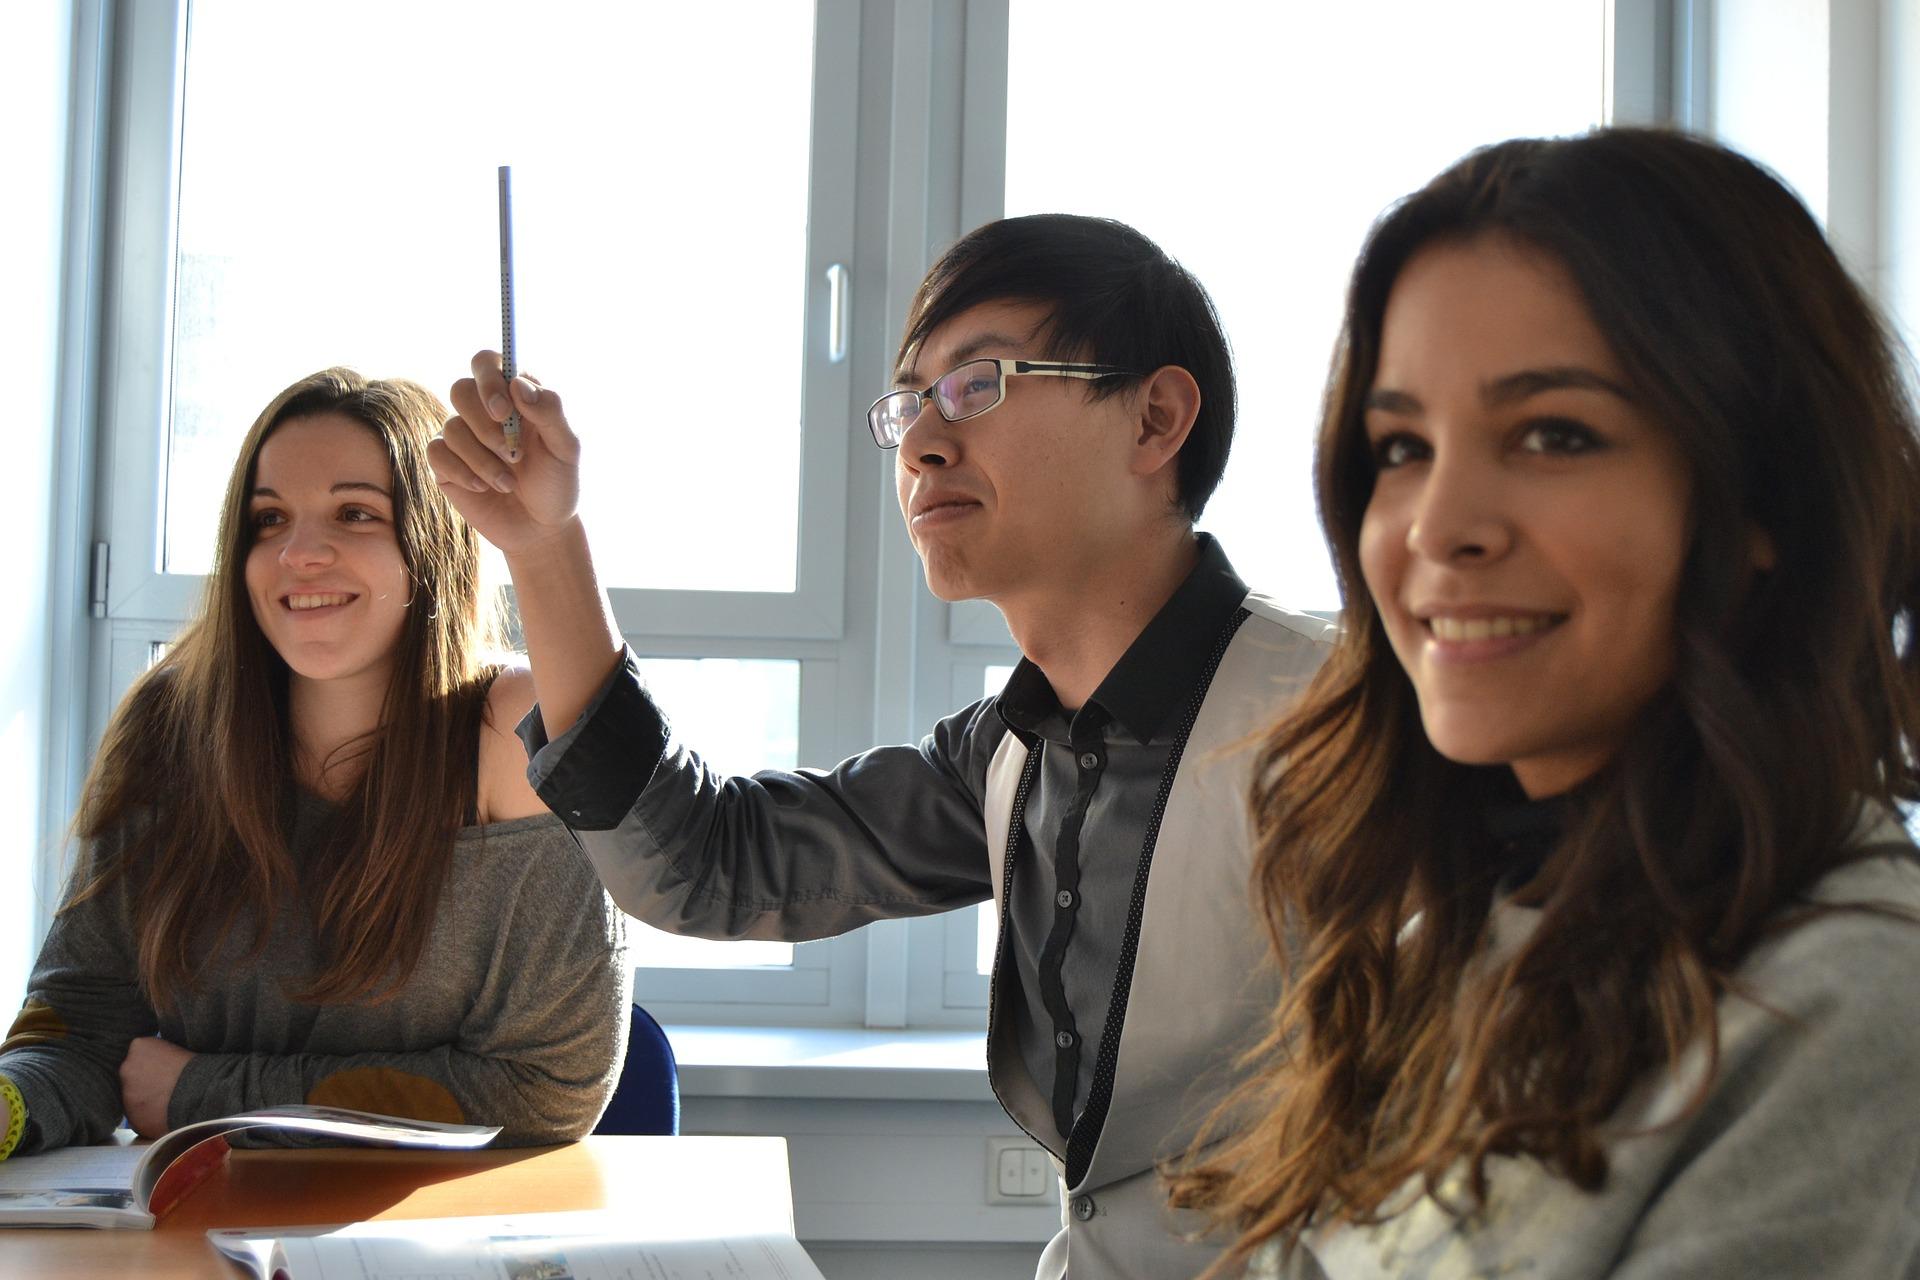 Cómo puedes aprender inglés rápido y fácil para presentar el TOEFL